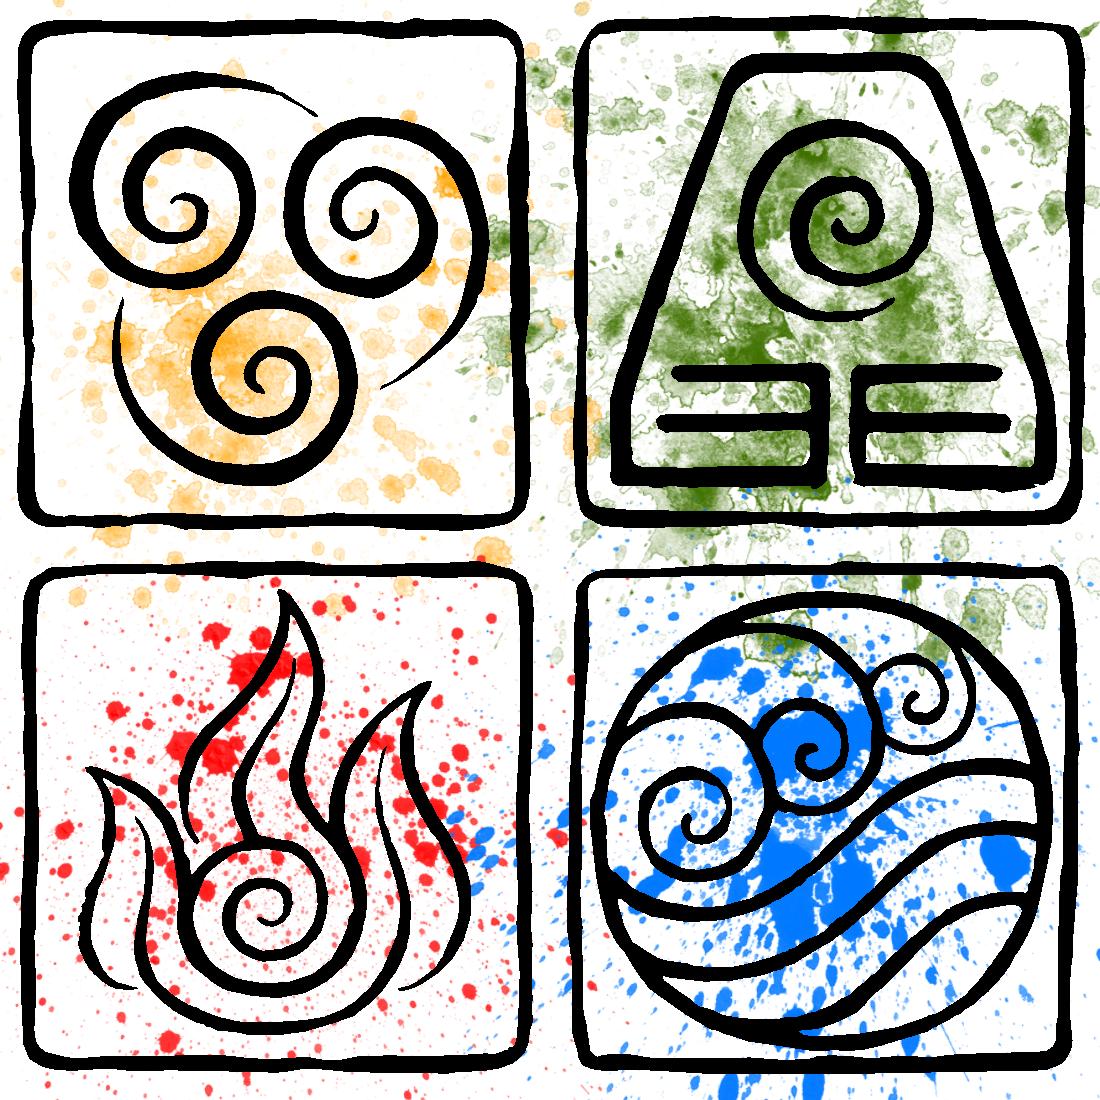 Avatar 4: 4 Elements ATLA Element Symbols By Piandaoist.deviantart